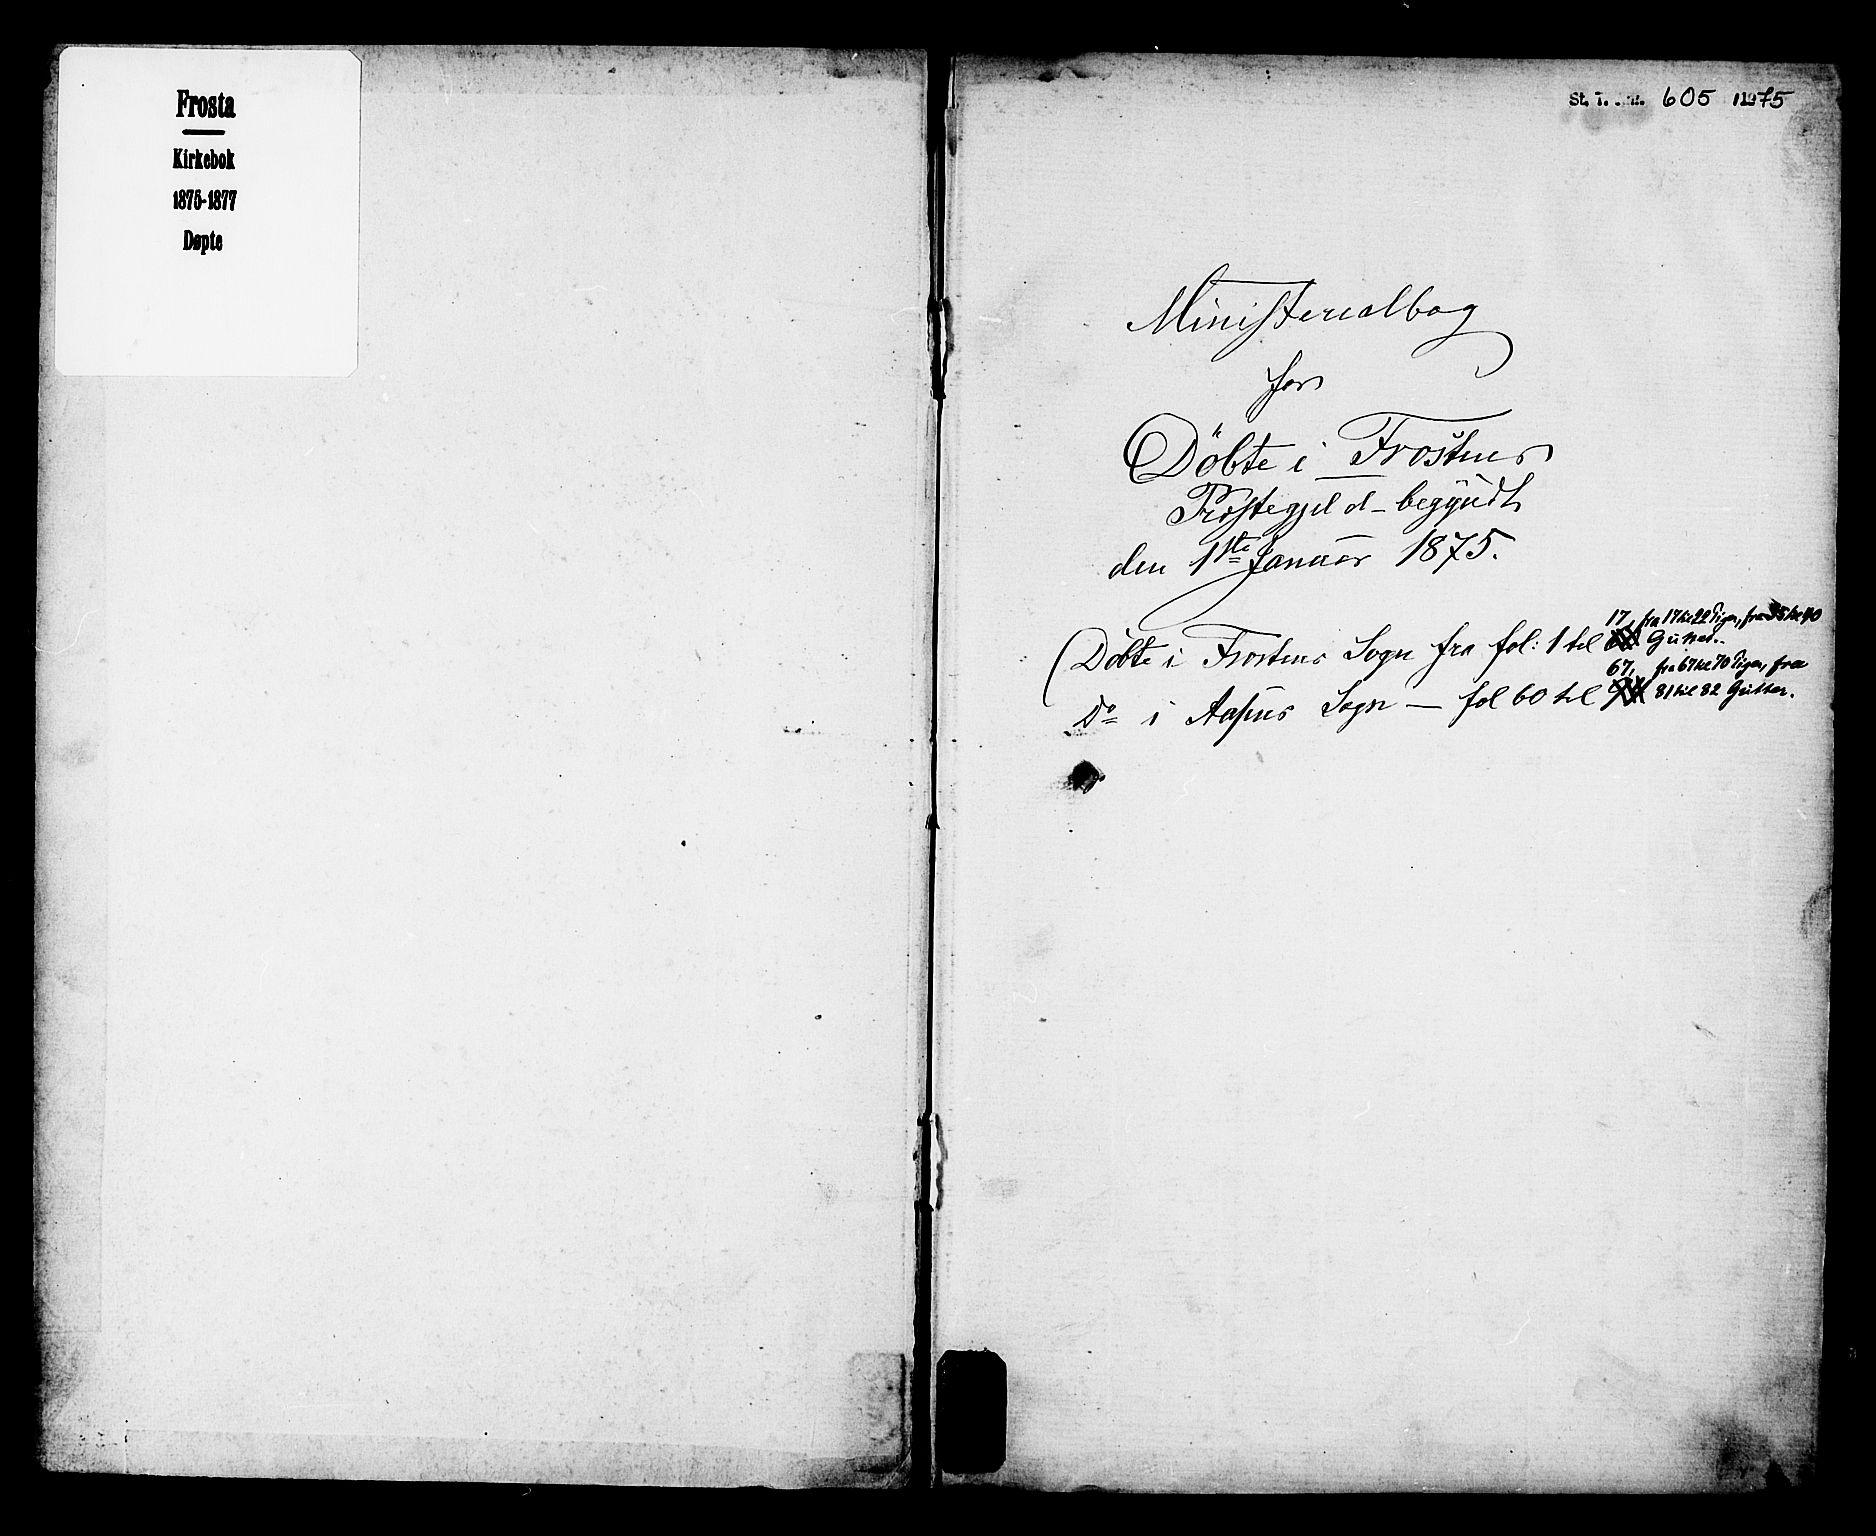 SAT, Ministerialprotokoller, klokkerbøker og fødselsregistre - Nord-Trøndelag, 713/L0118: Ministerialbok nr. 713A08 /1, 1875-1877